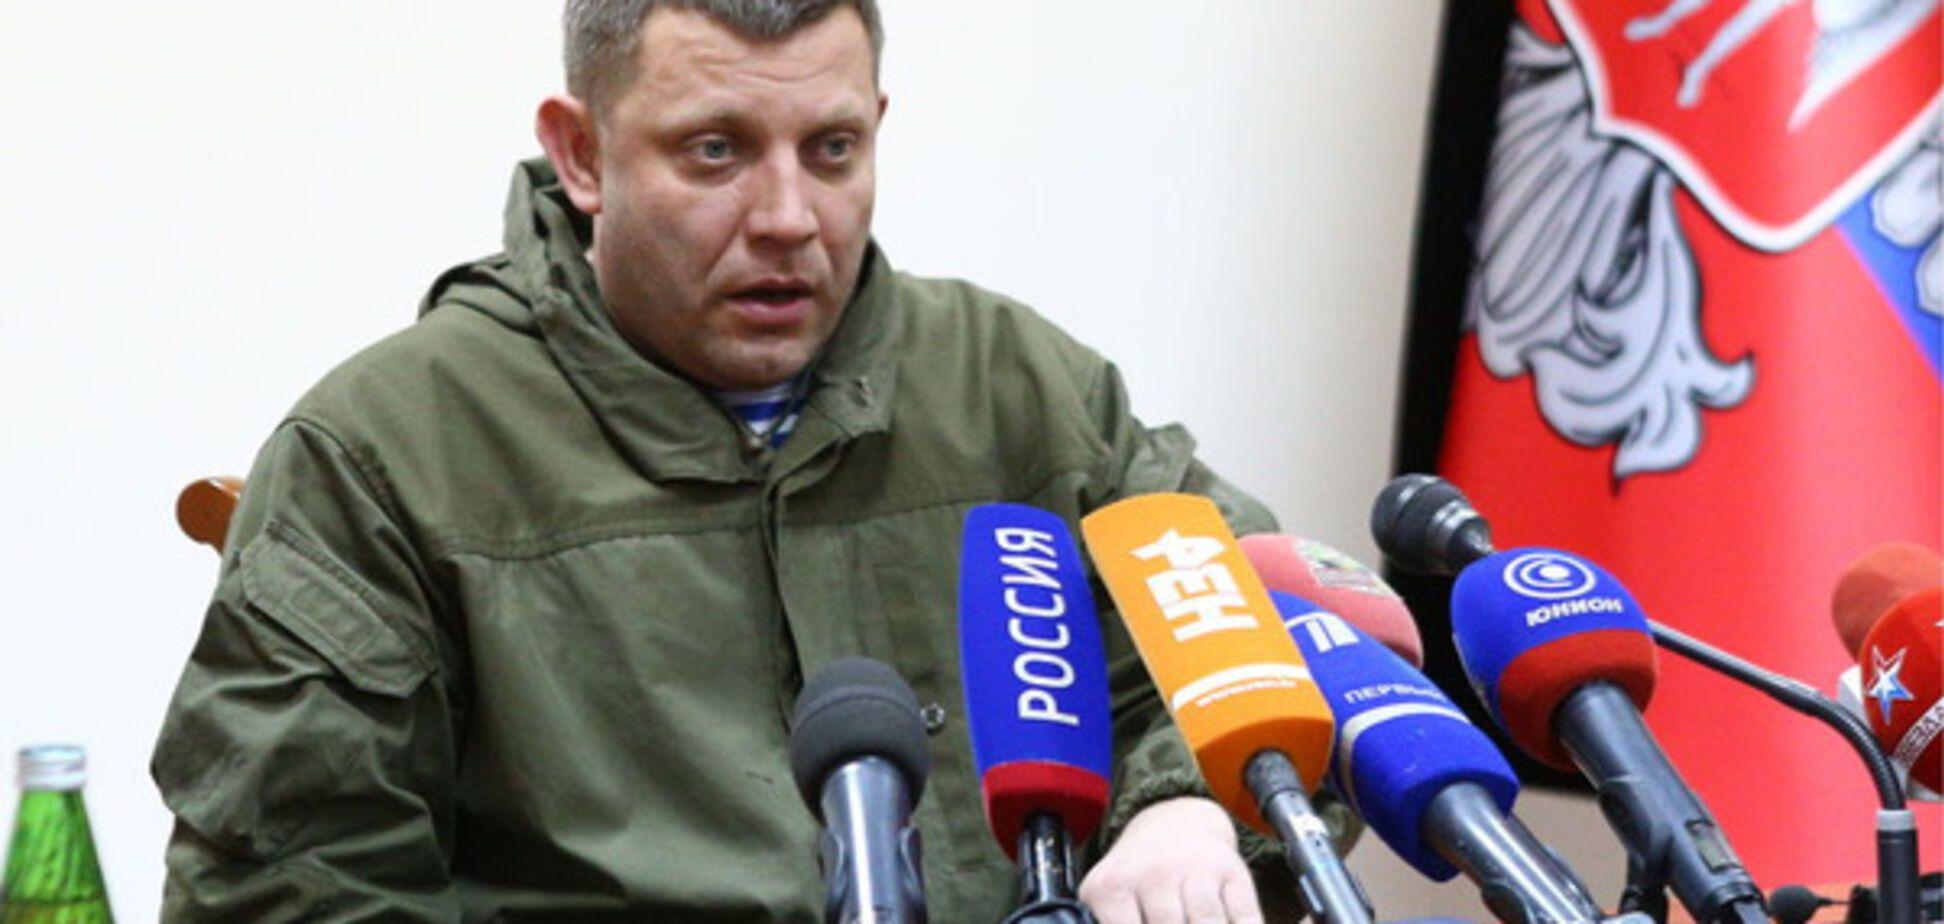 Главарь 'ДНР' объявил о создании нового 'государства': все подробности